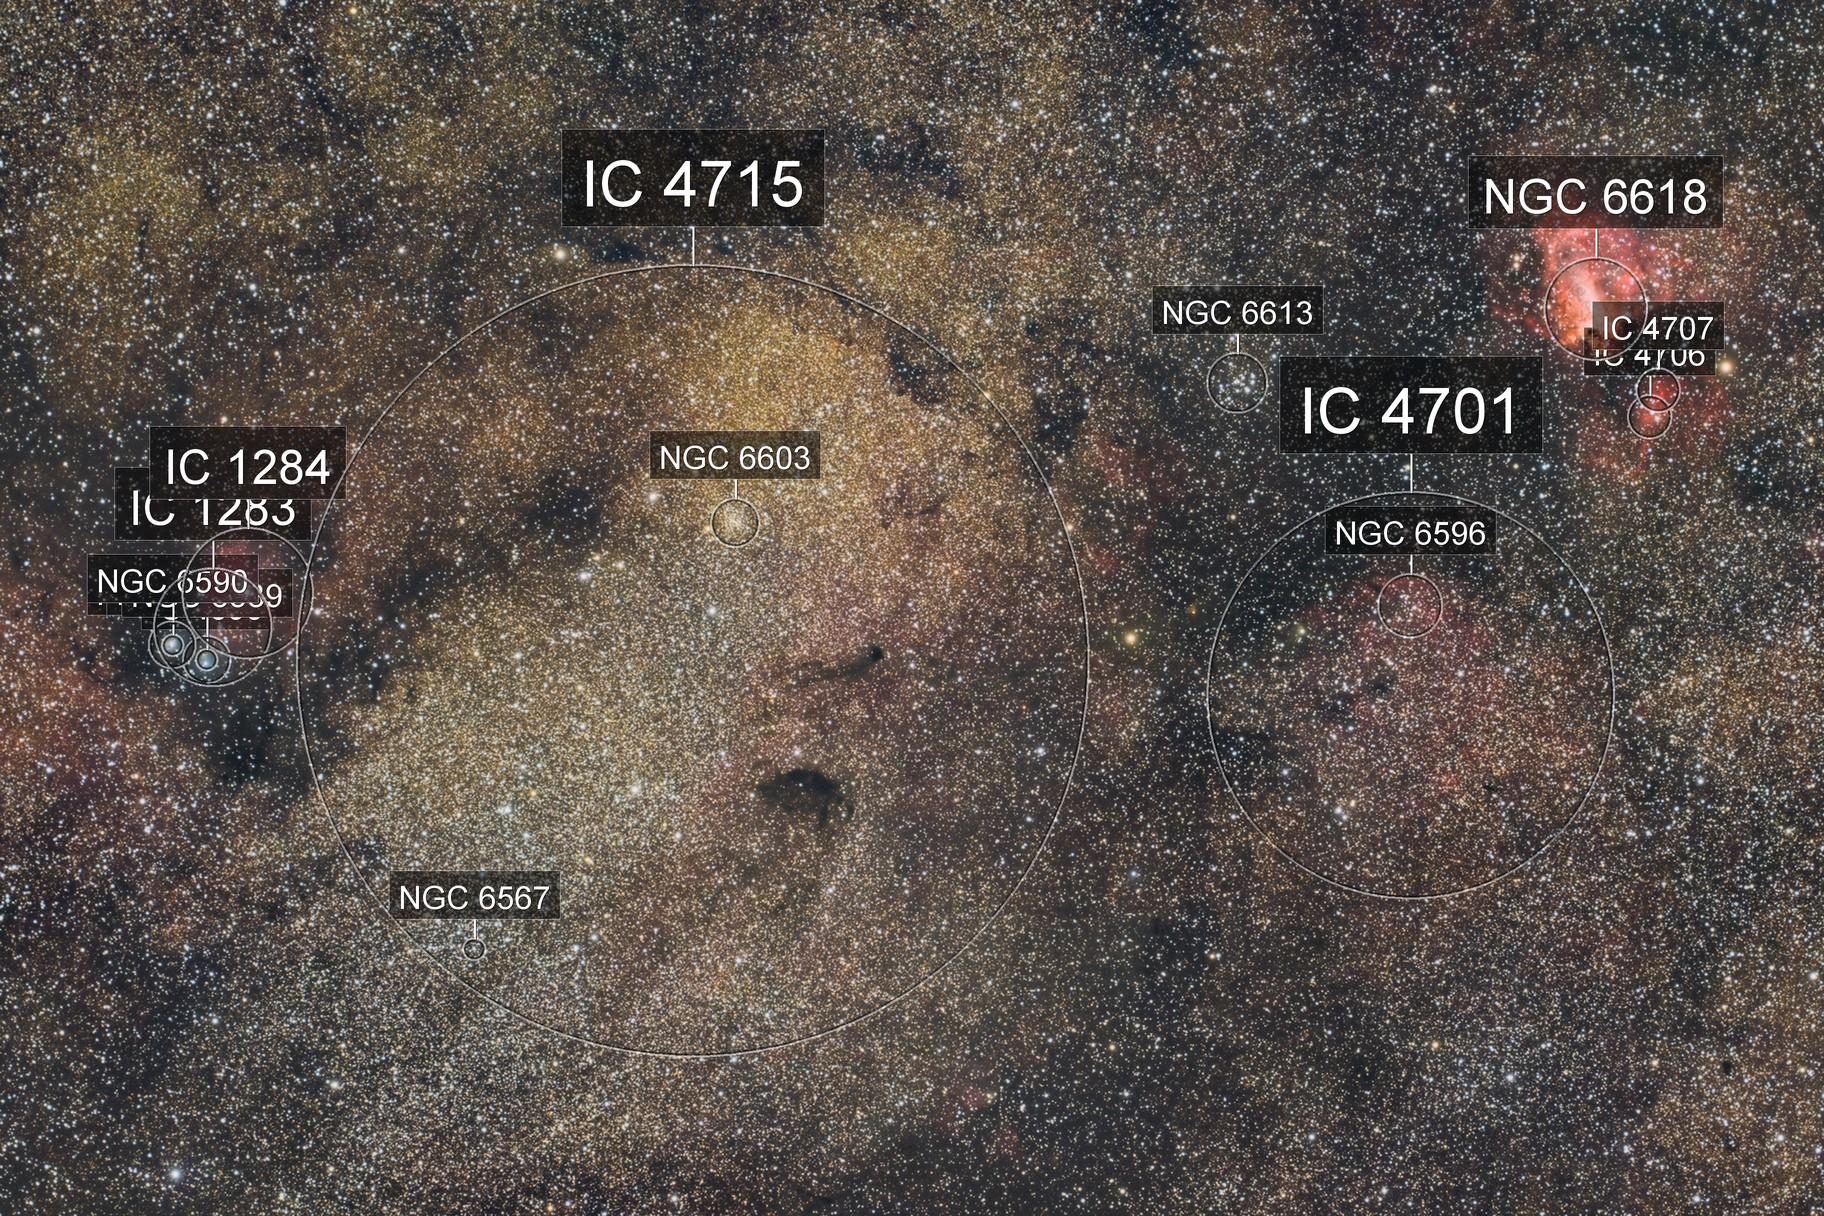 Wide field on Sagittarius star cloud and Omega nebula